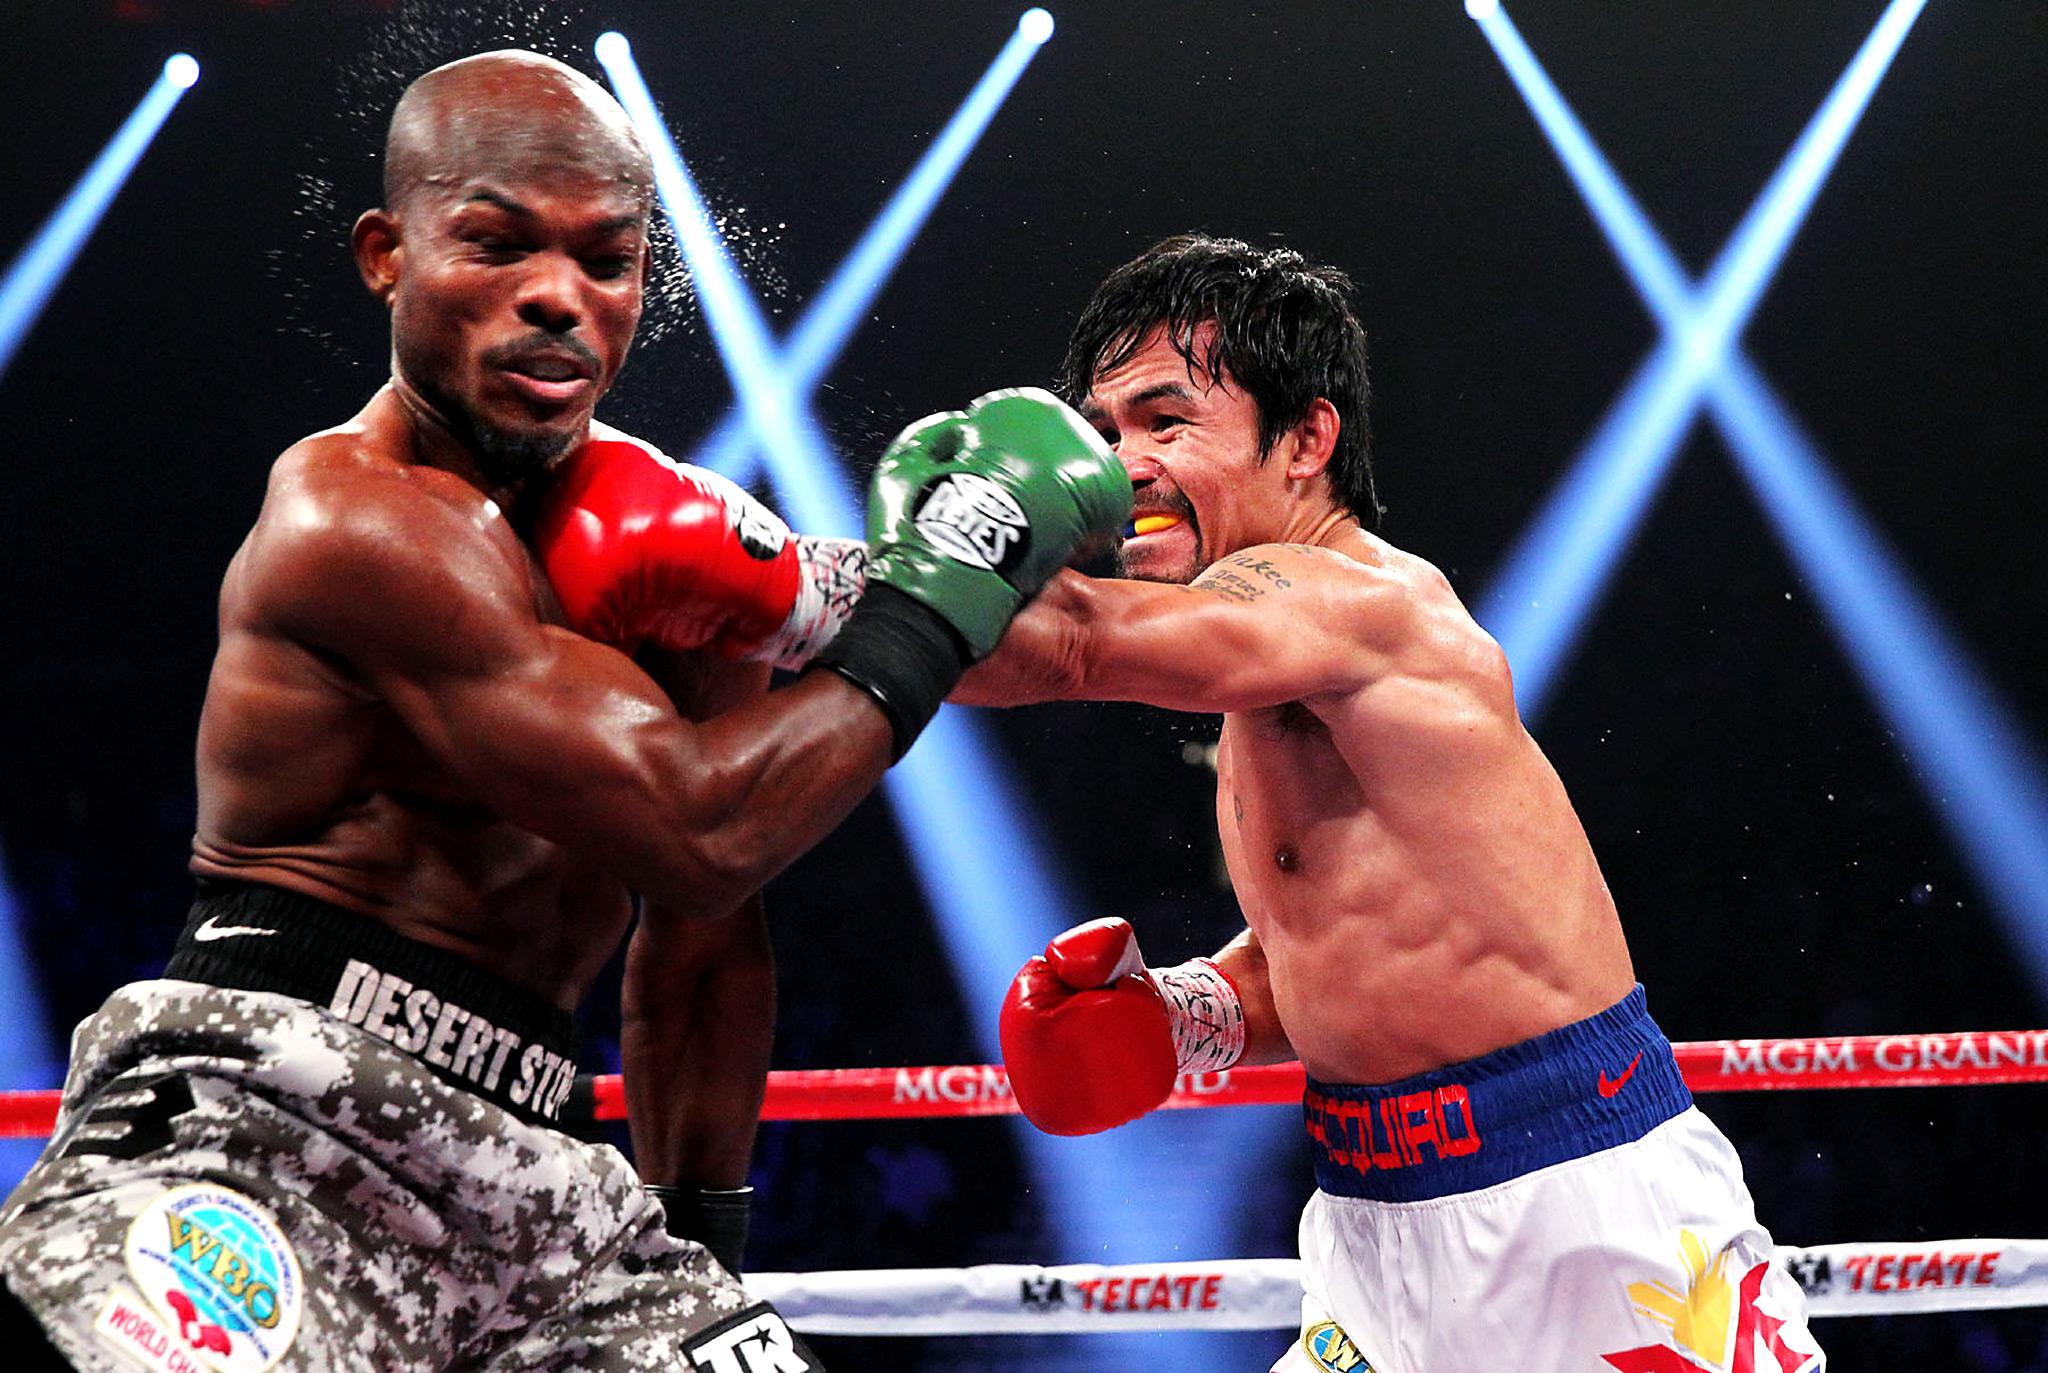 Timothy Bradley: Няма да бягам от Manny Pacquiao, ще бъда готов за всичко